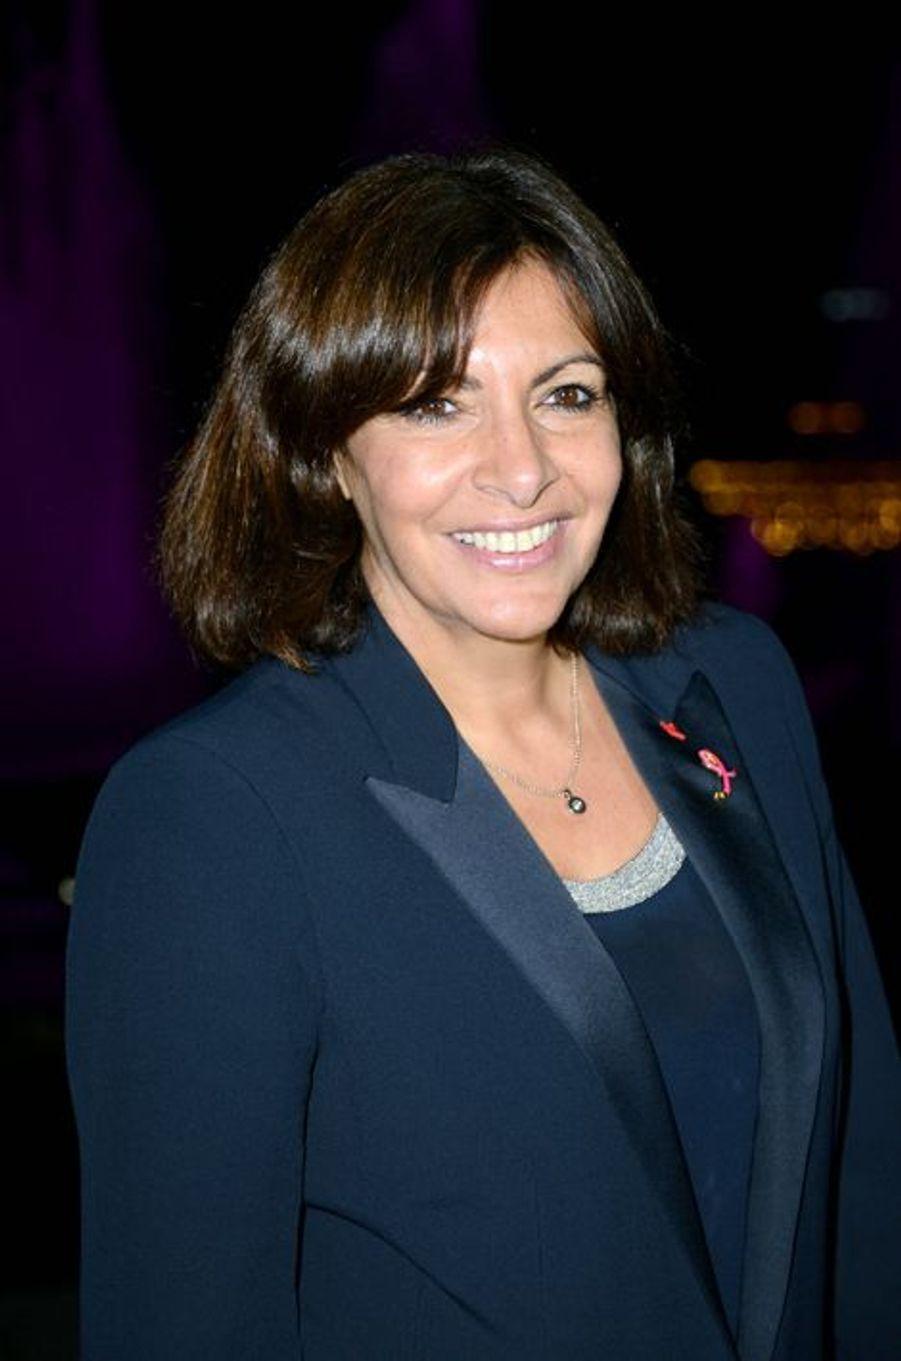 Anne Hidalgo à la soirée Ruban Rose 2014 au Palais Chaillot le 7 octobre 2014 à Paris